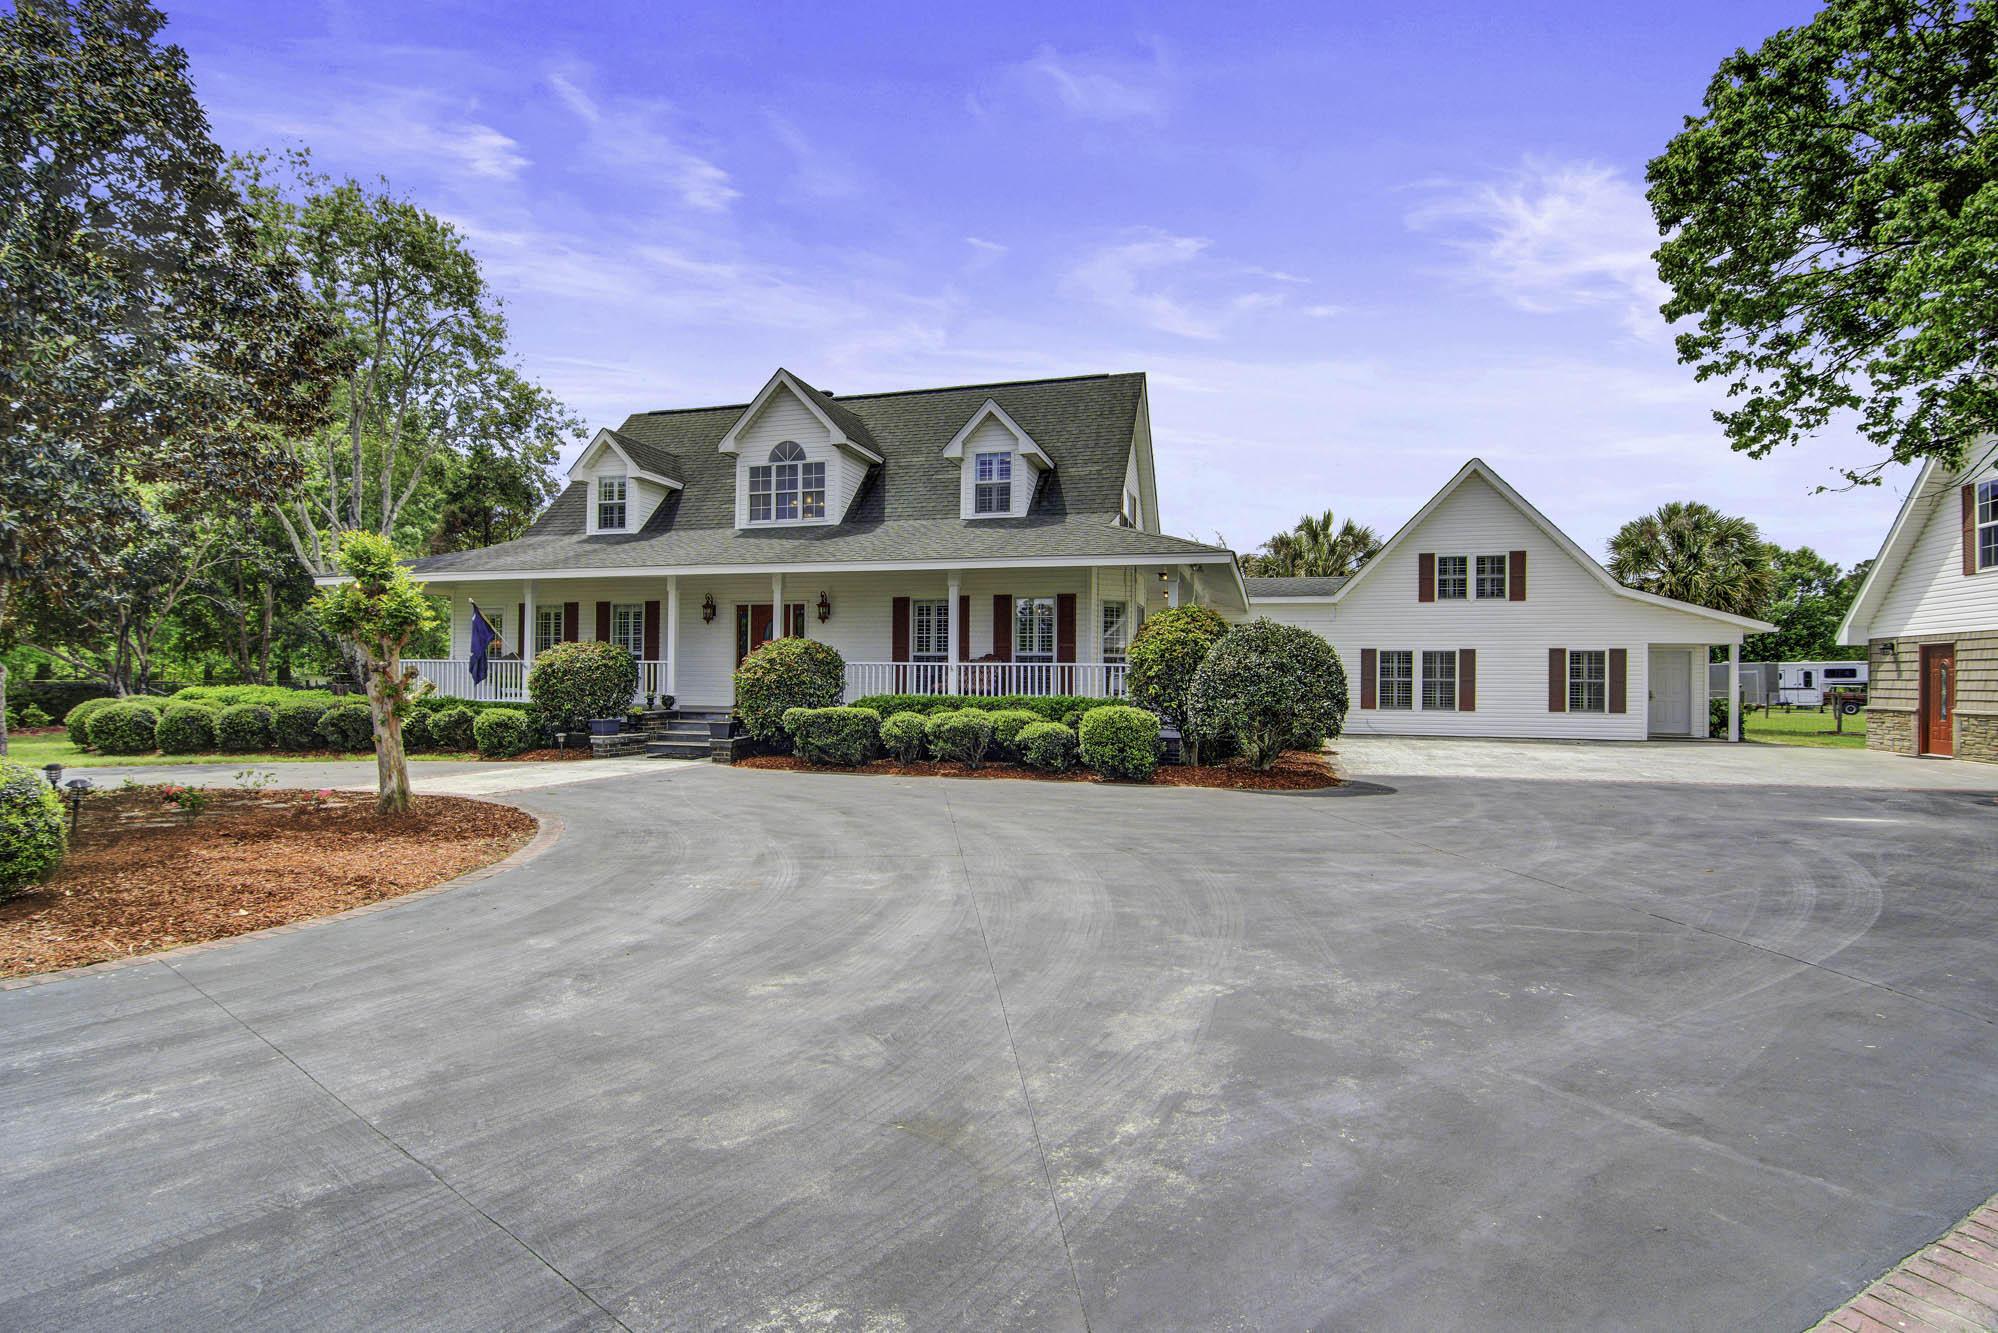 Walton Grove Homes For Sale - 119 Walton Grove, Summerville, SC - 42